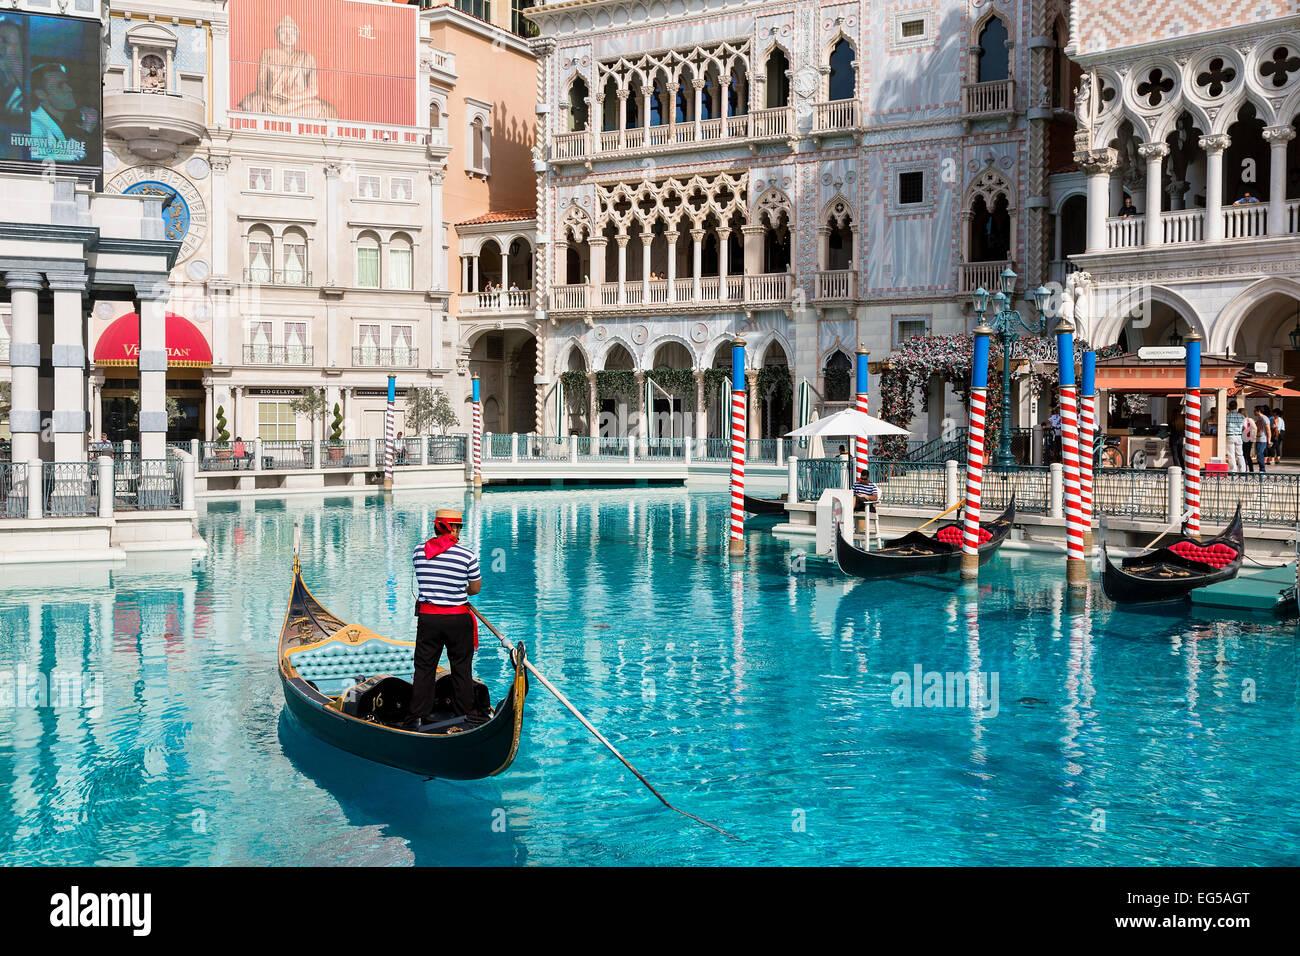 En góndola en el Venetian Hotel de Las Vegas, EE.UU. Imagen De Stock